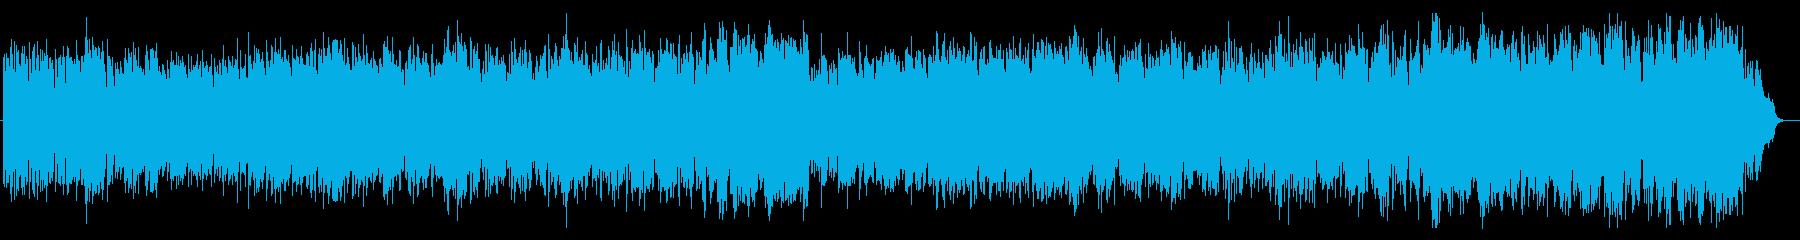 室内楽のボサノバの再生済みの波形